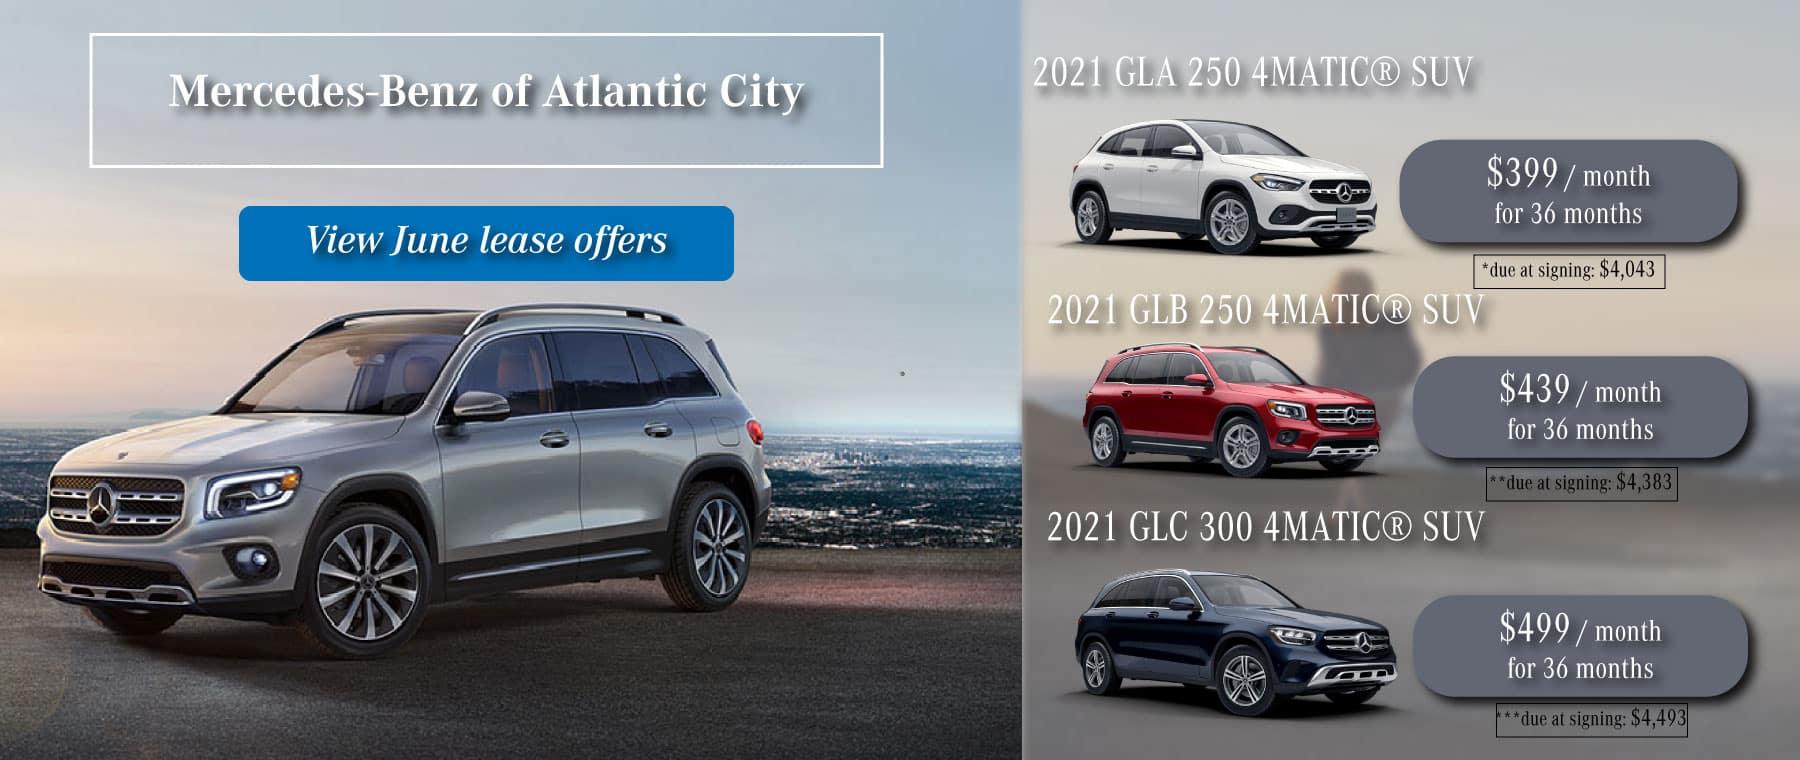 Mercedes-Benz of Atlantic city 2021 new lease specials